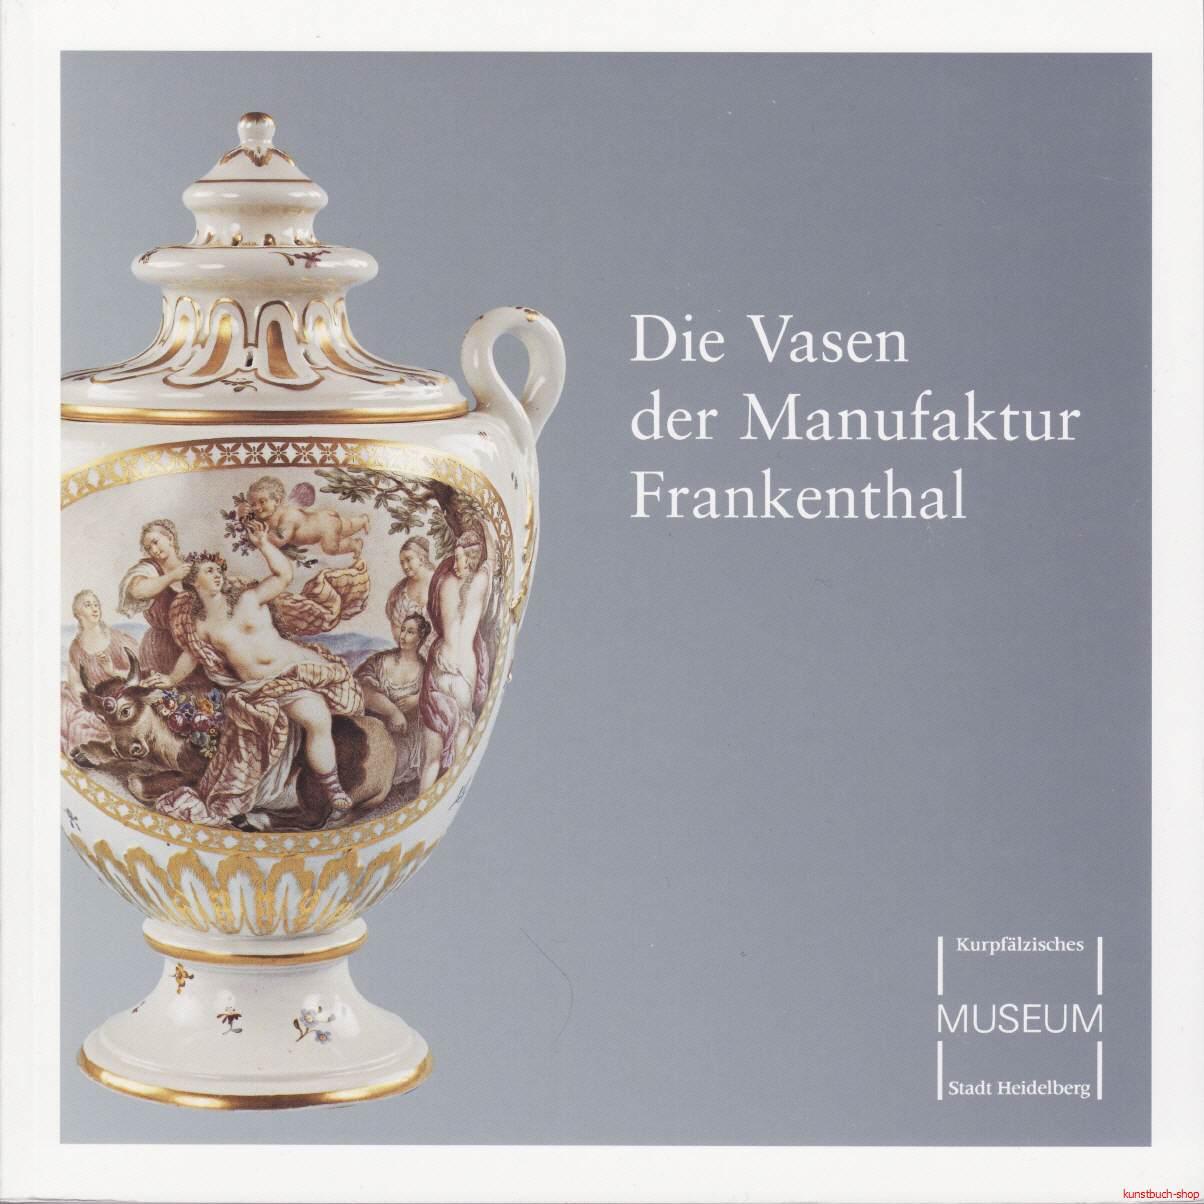 Die Vasen der Manufaktur Frankenthal